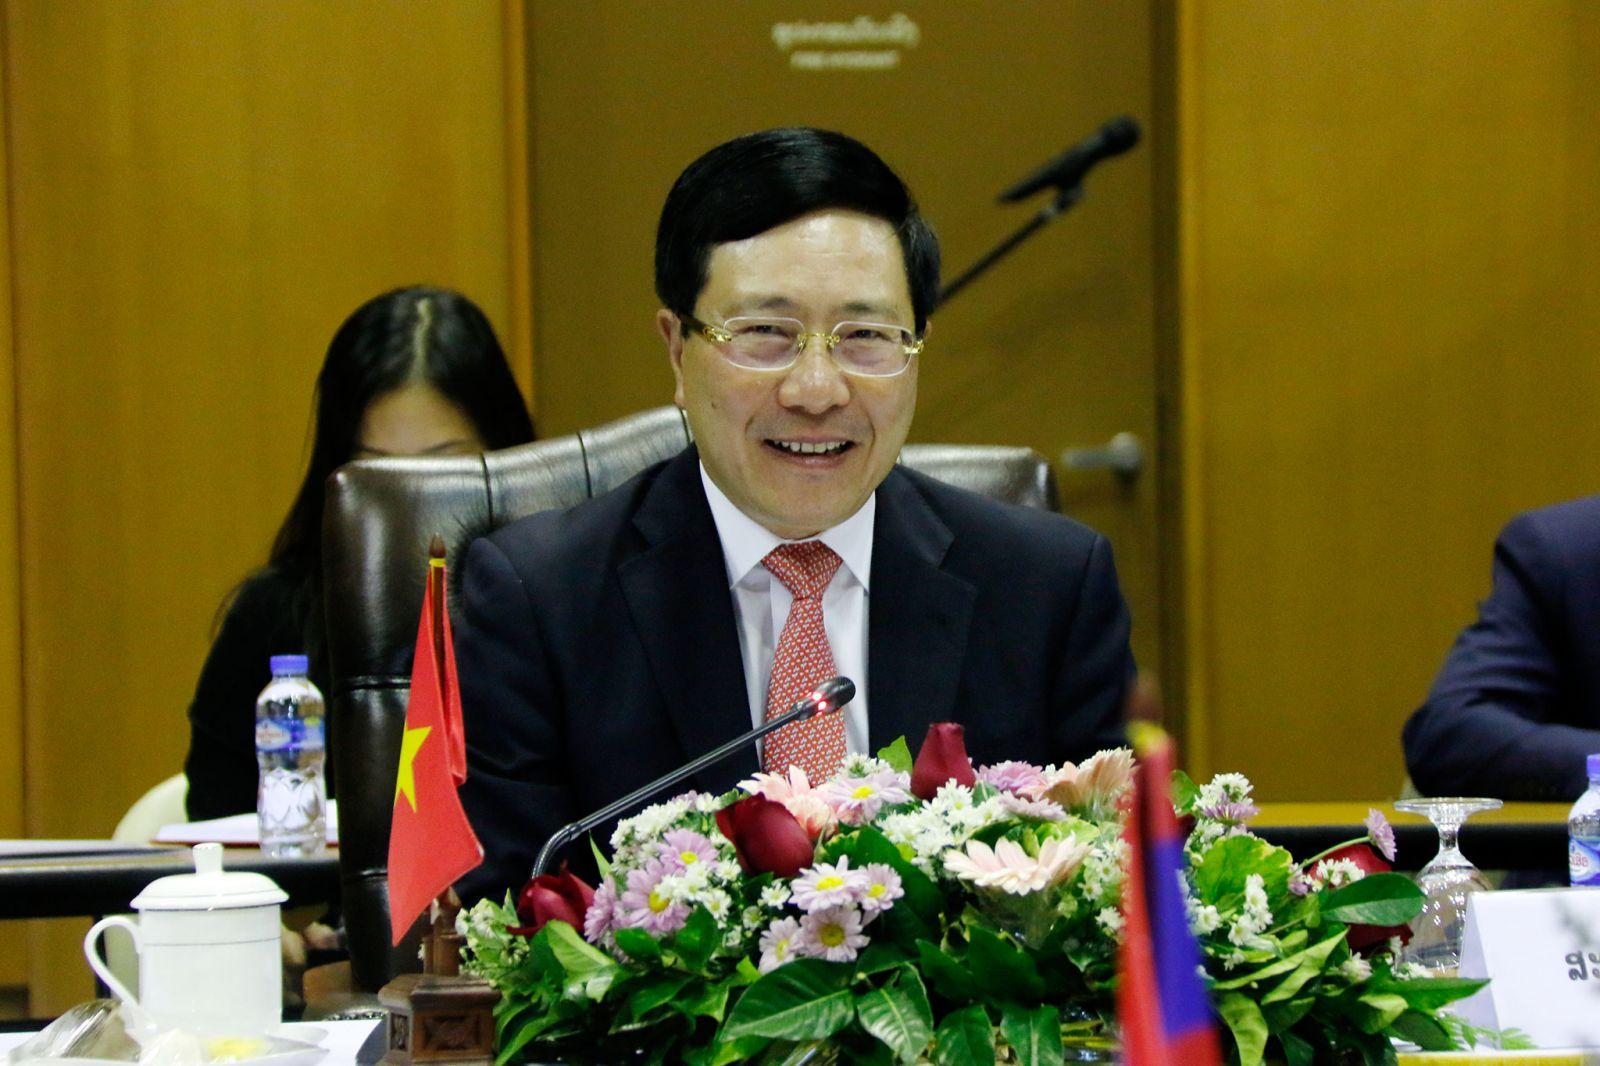 Phó thủ tướng, Bộ trưởng Bộ Ngoại giao Phạm Bình Minh thăm chính thức Lào từ ngày 29 và 30-11-2020.